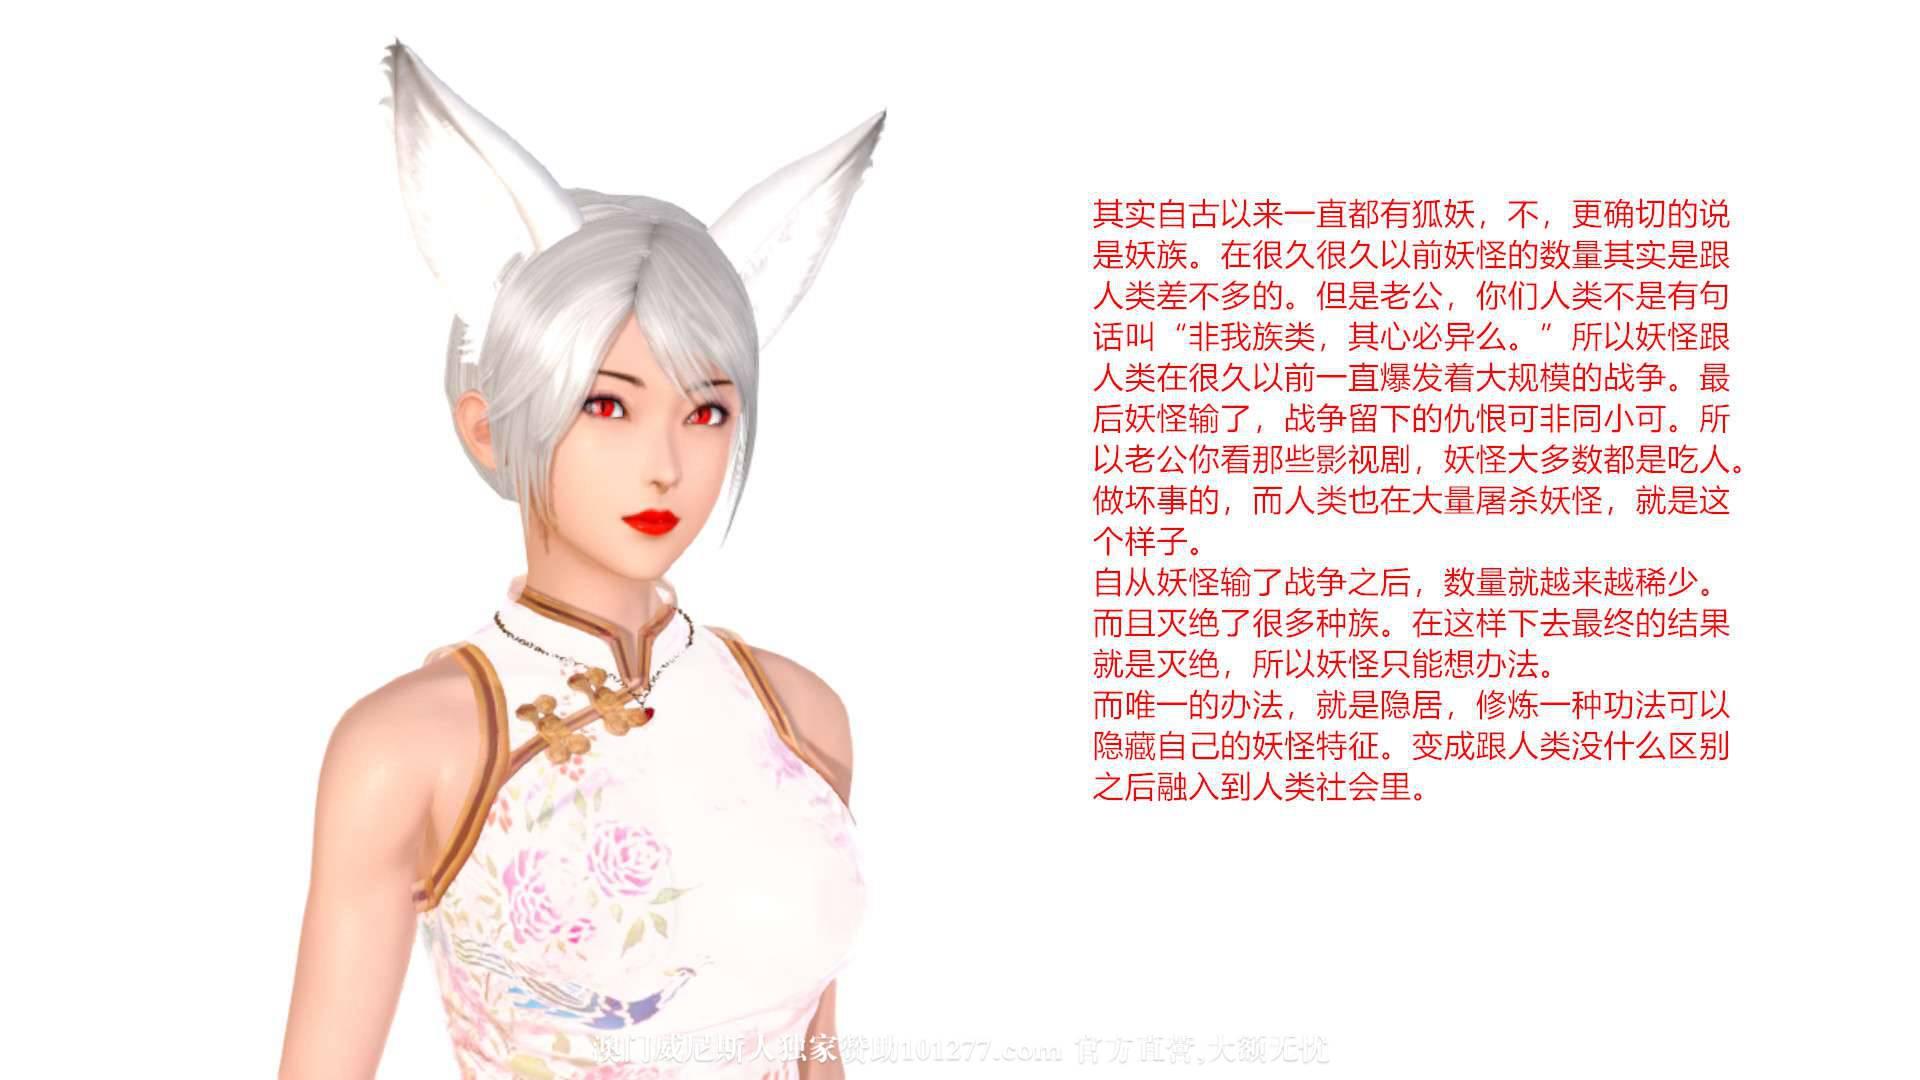 [中文] [3D全彩H漫] 新婚妻子与卖菜老板 第六集[69P]